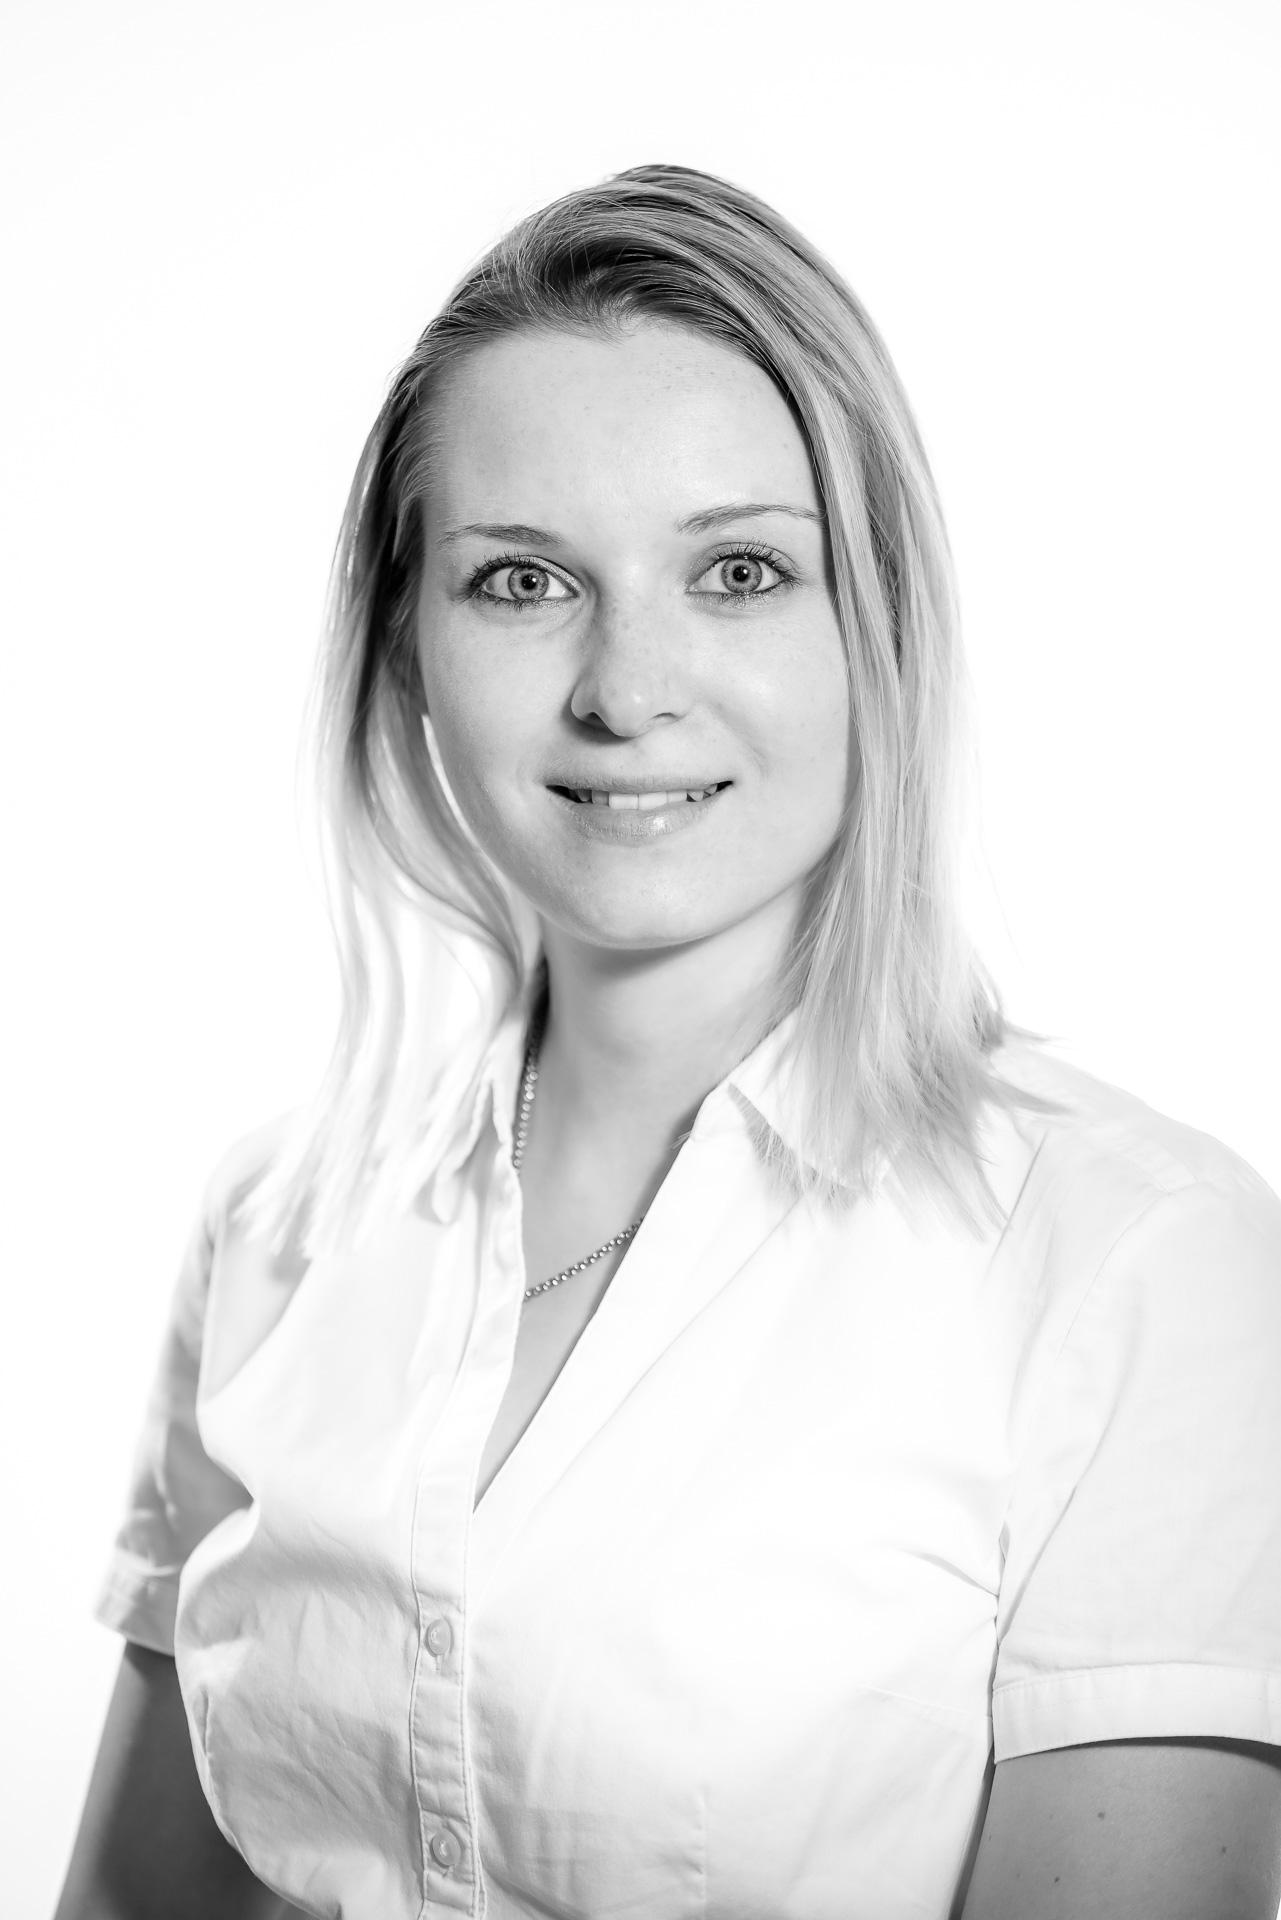 Sarah Schrempel